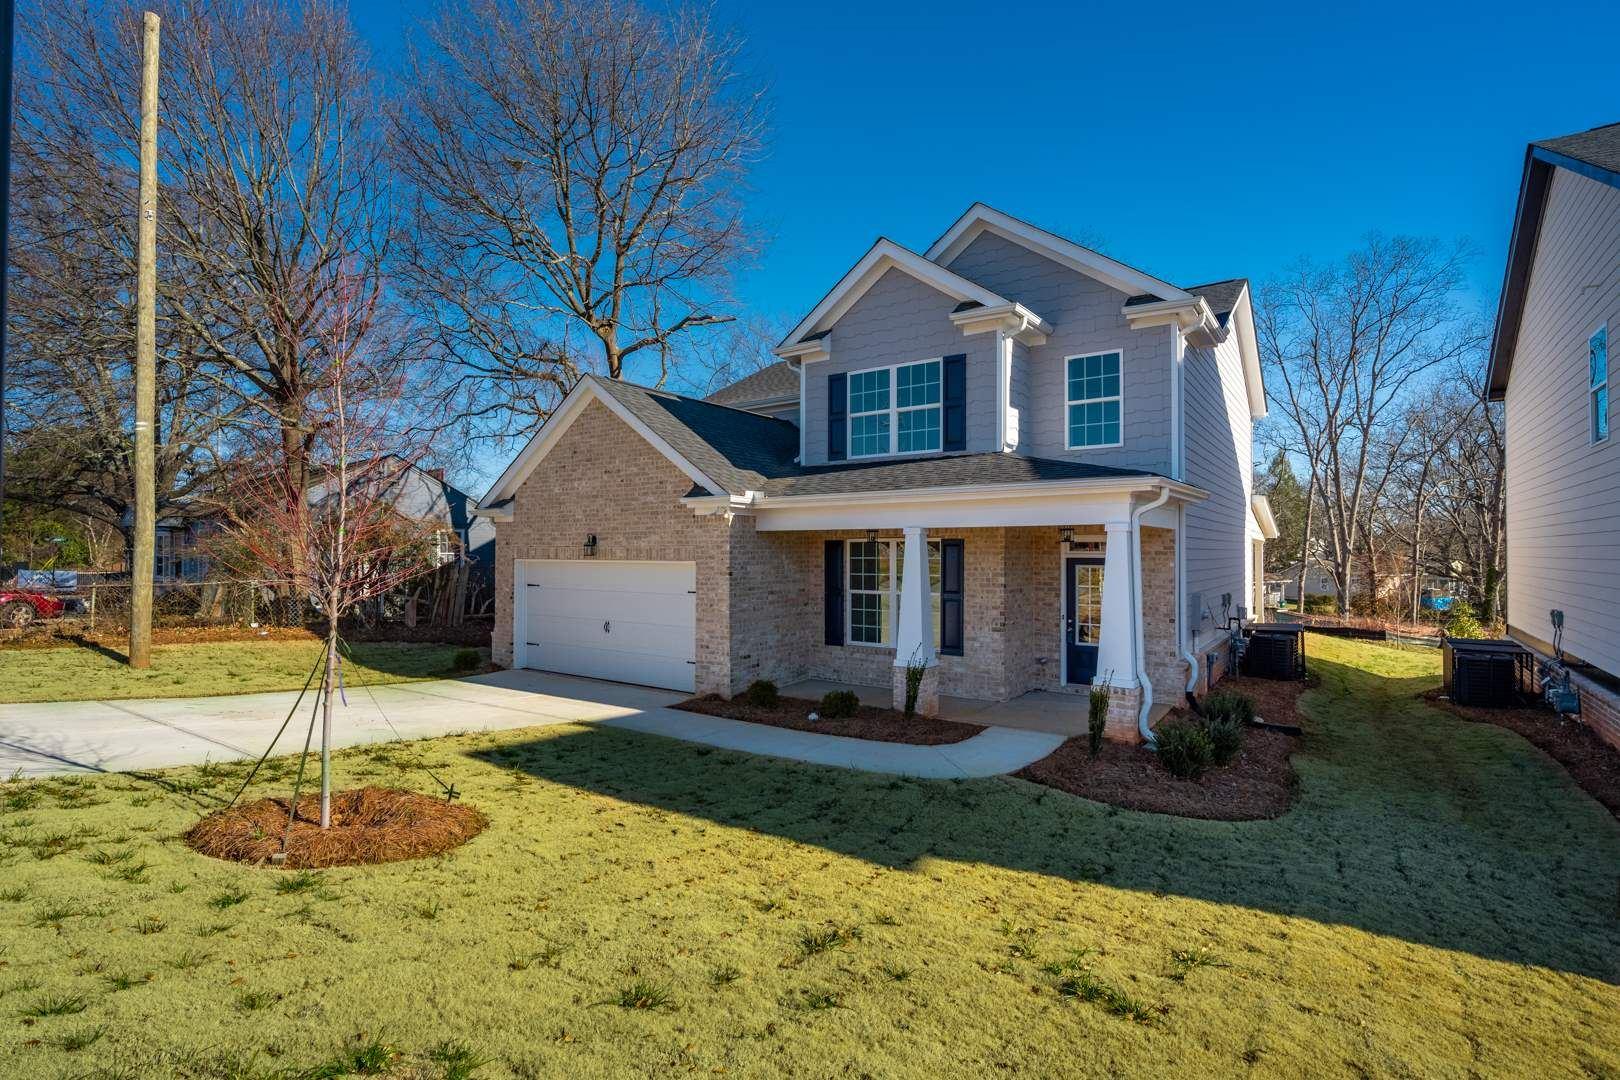 2469 Dixie Ave, Smyrna, GA 30080 - MLS#: 8906628